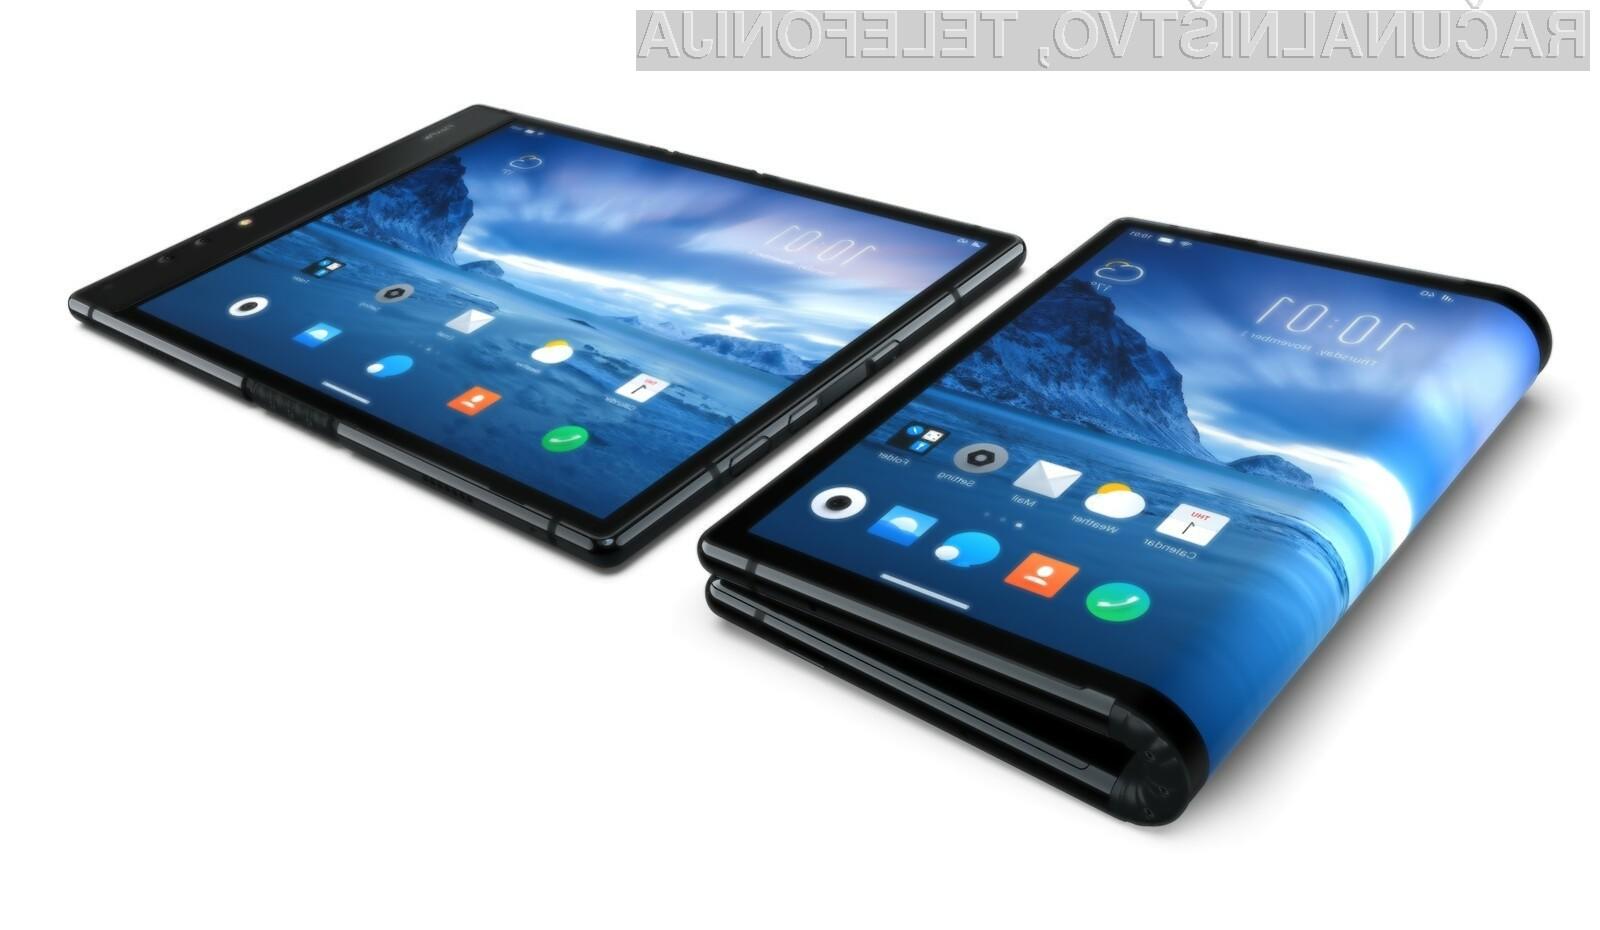 Kitajska podjetja so prevzela vodilni položaj tudi na področju prepogljivih pametnih mobilnih telefonov.